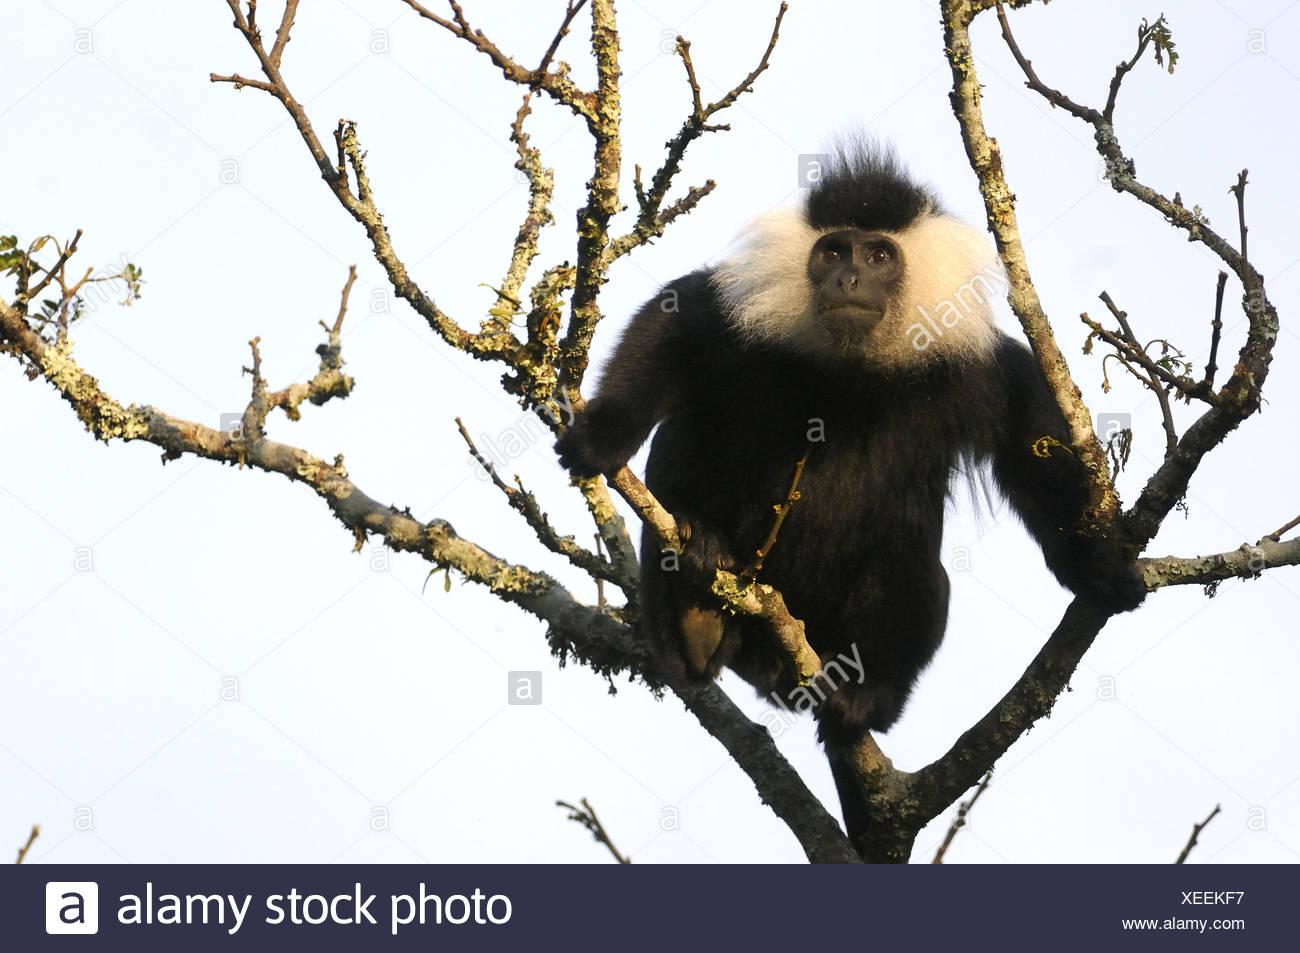 Eastern Black and White Colobus Monkey (Colobus guereza) Nyunguwe National Park, Ruanda, Africa Immagini Stock